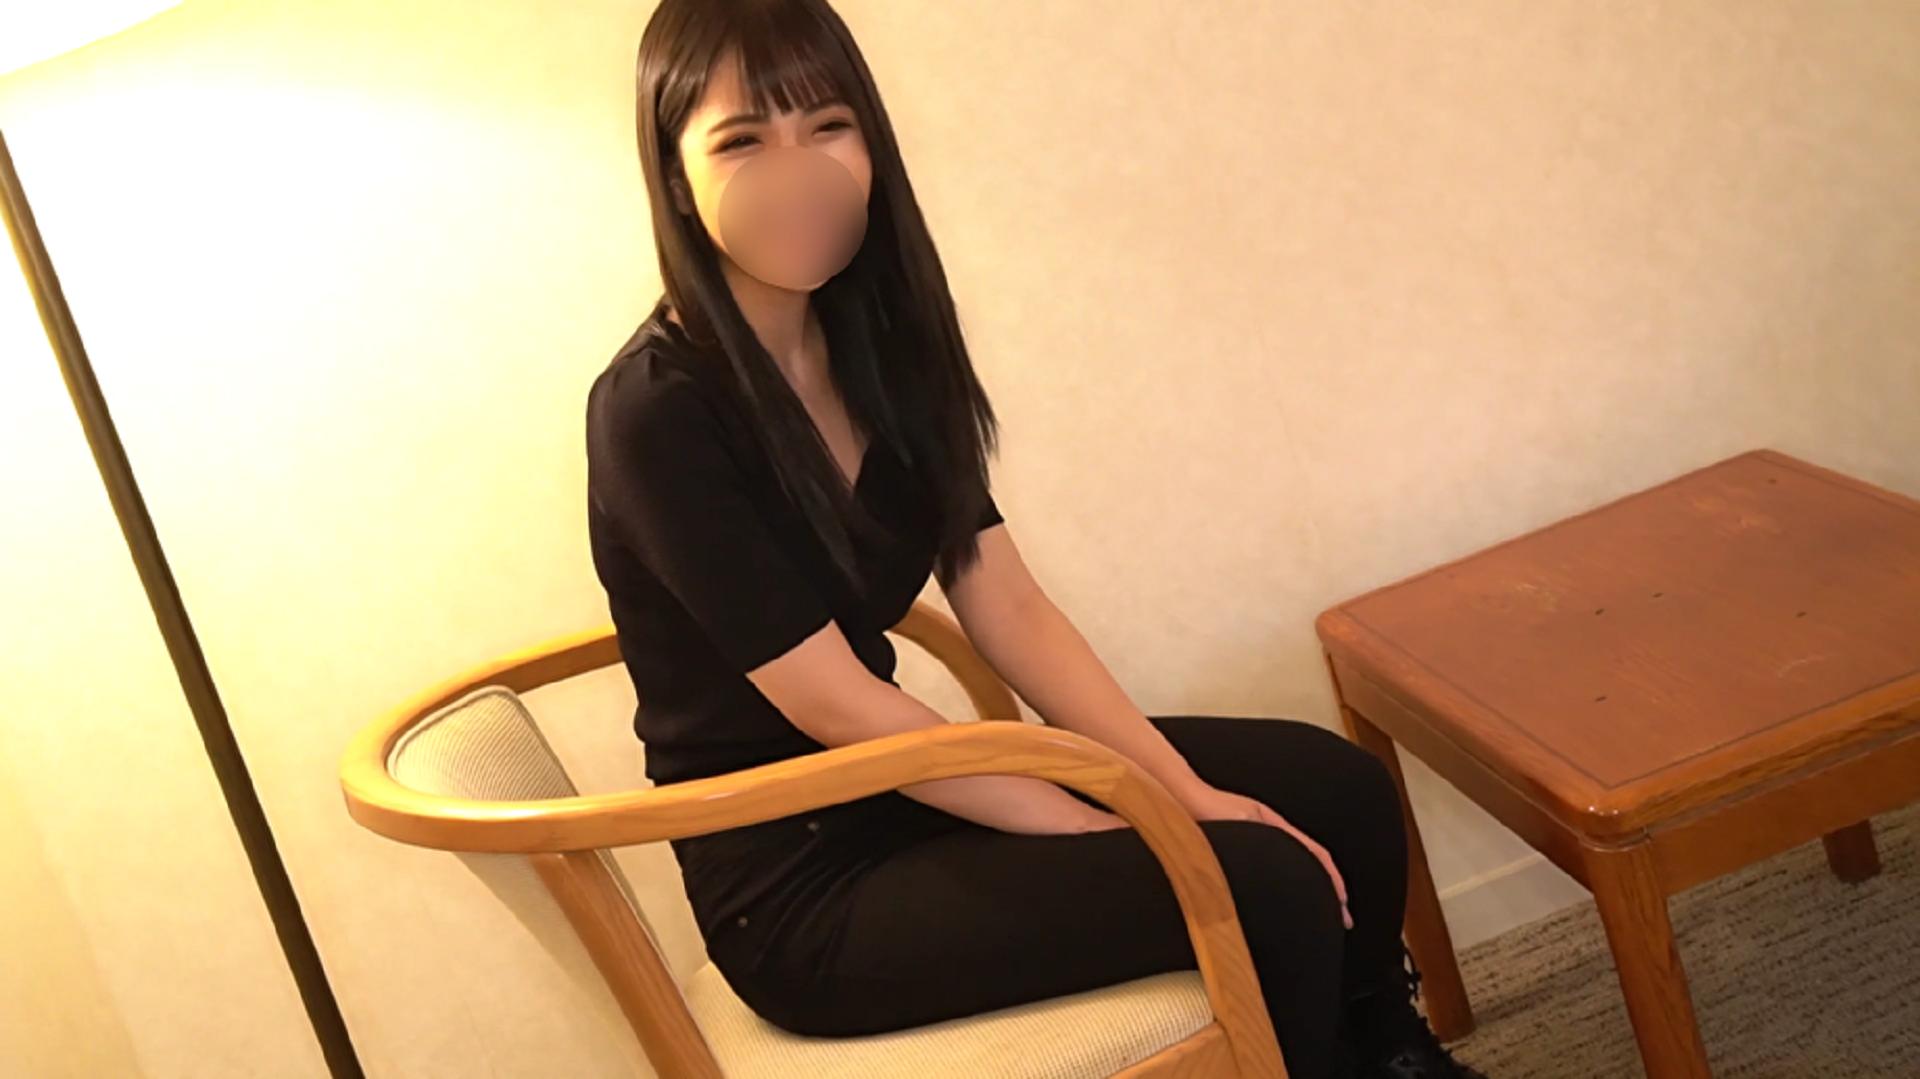 FC2-PPV-1472719 【個人撮影】ゆあ20歳のフランス人ハーフ!モデル体型のスレンダーなエキゾチック美女に生中出しをします!